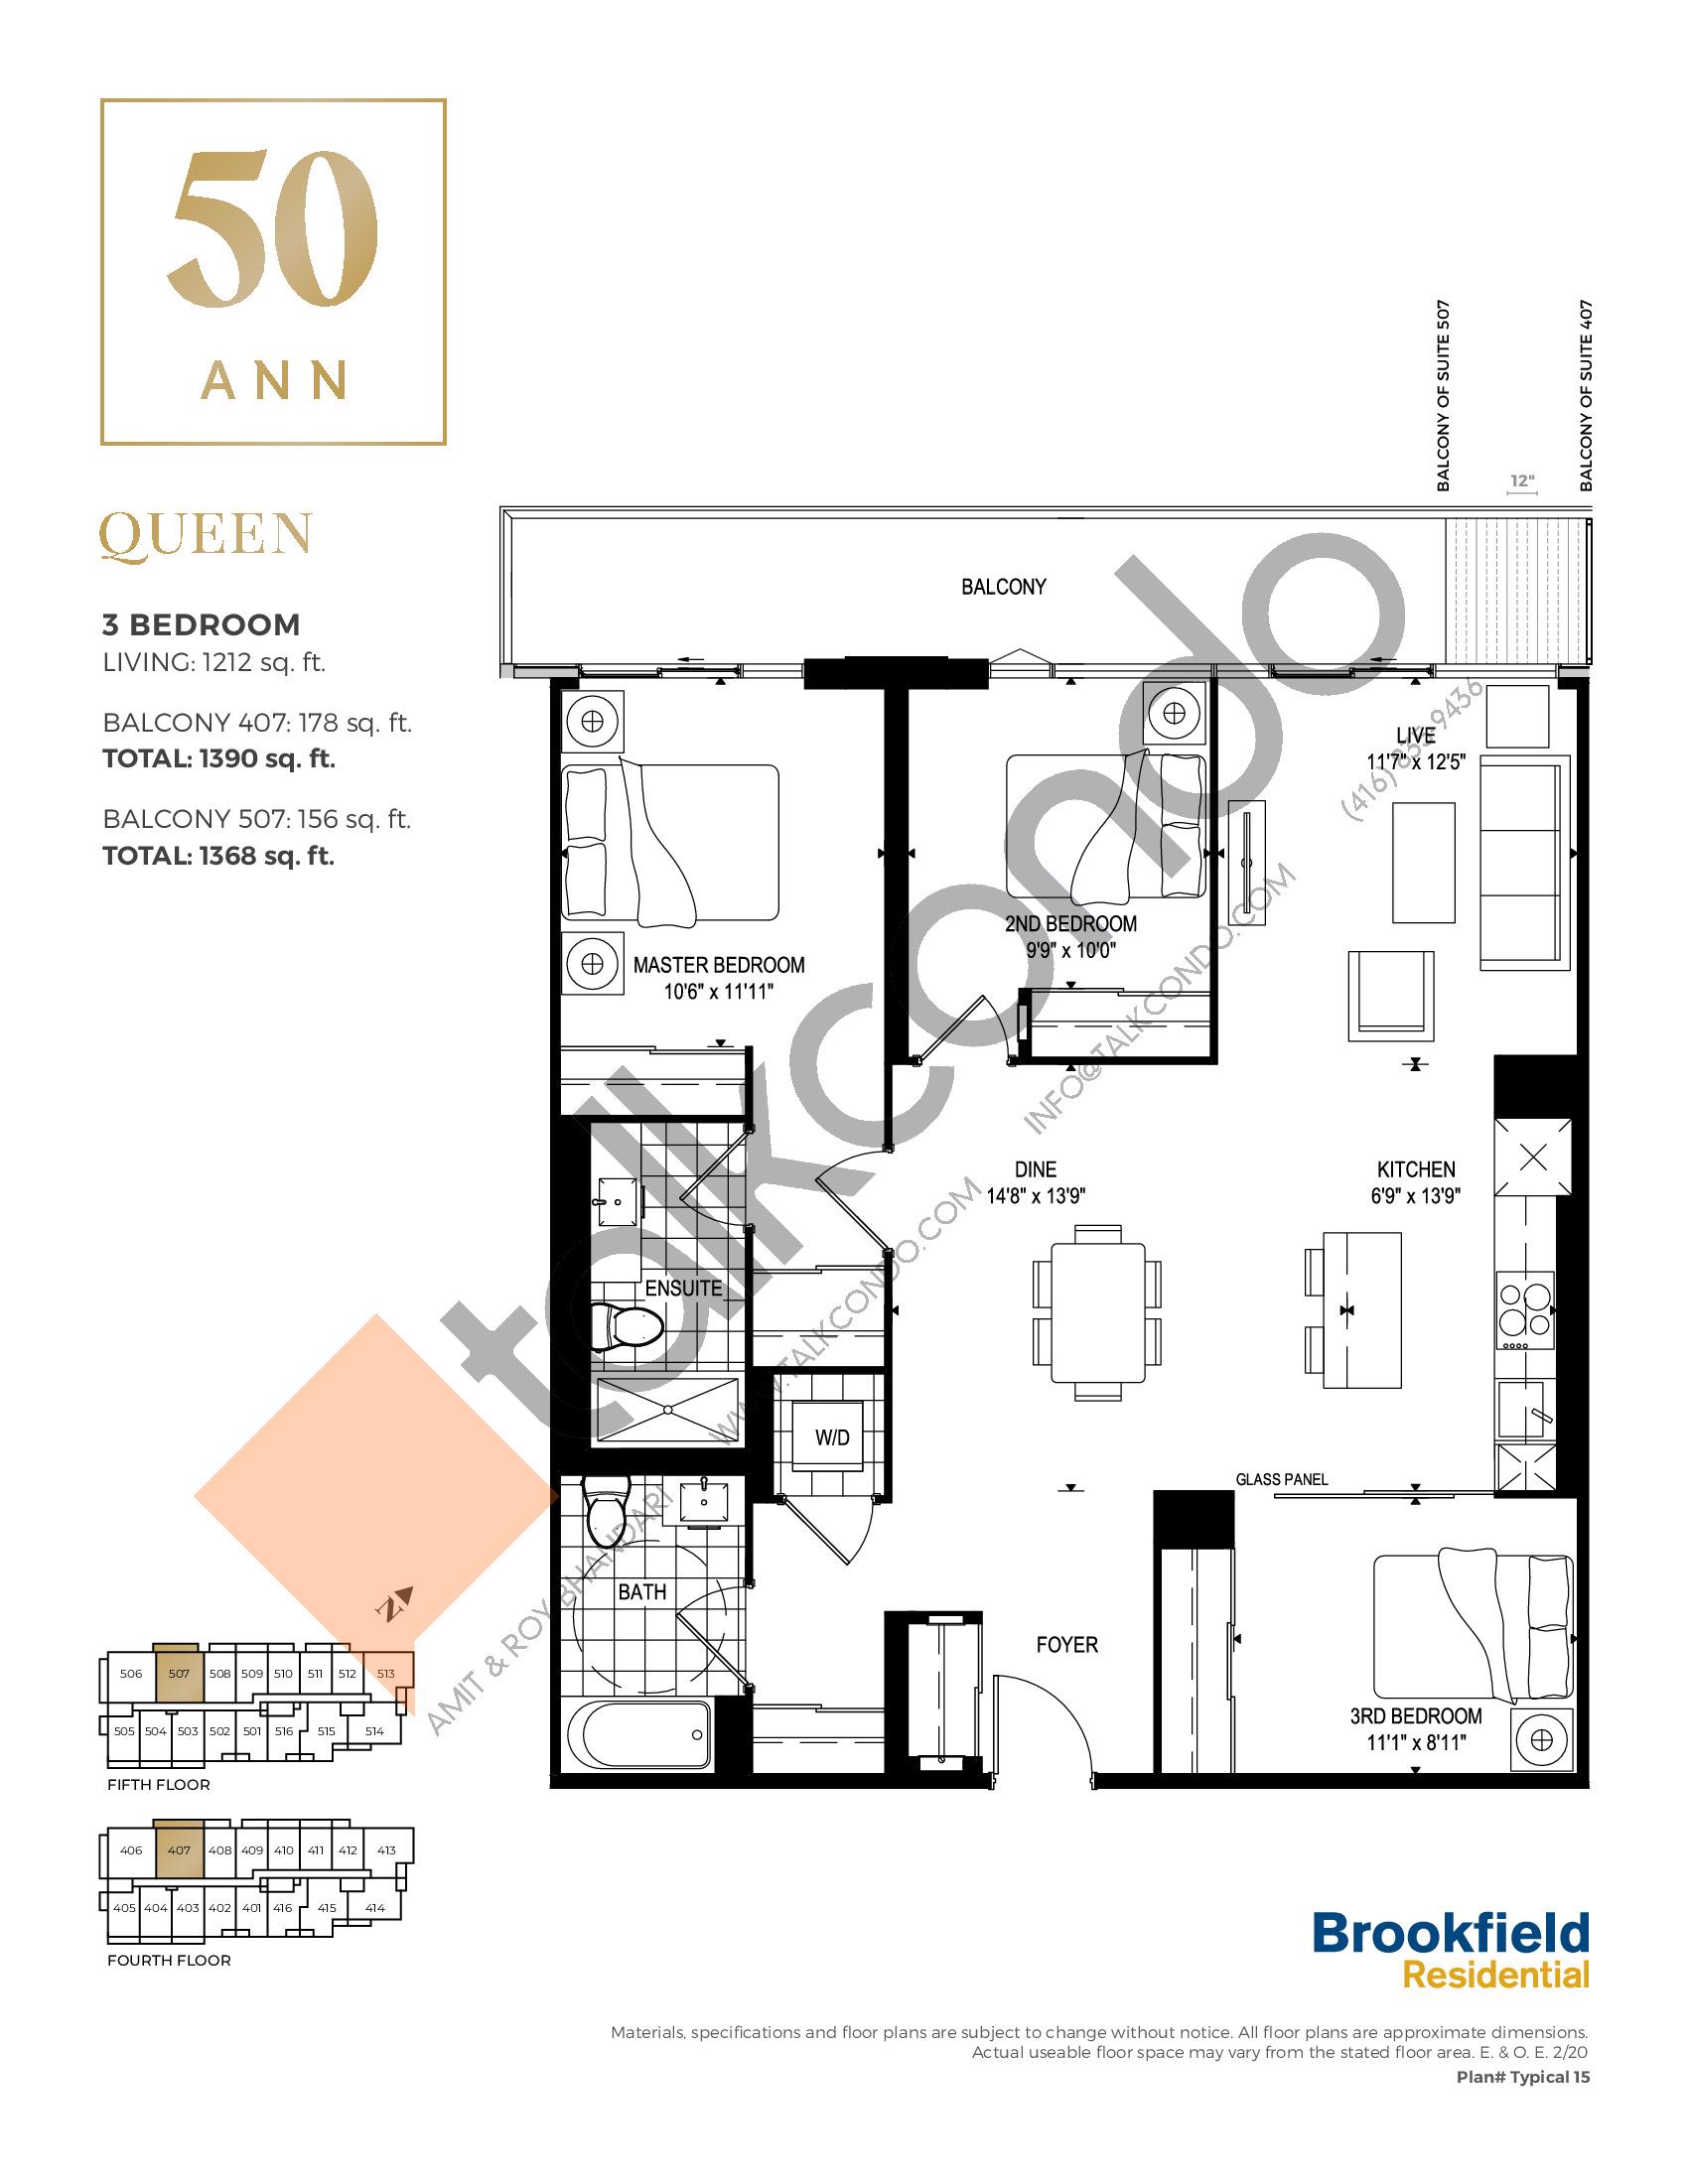 Queen Floor Plan at 50 Ann Condos - 1212 sq.ft